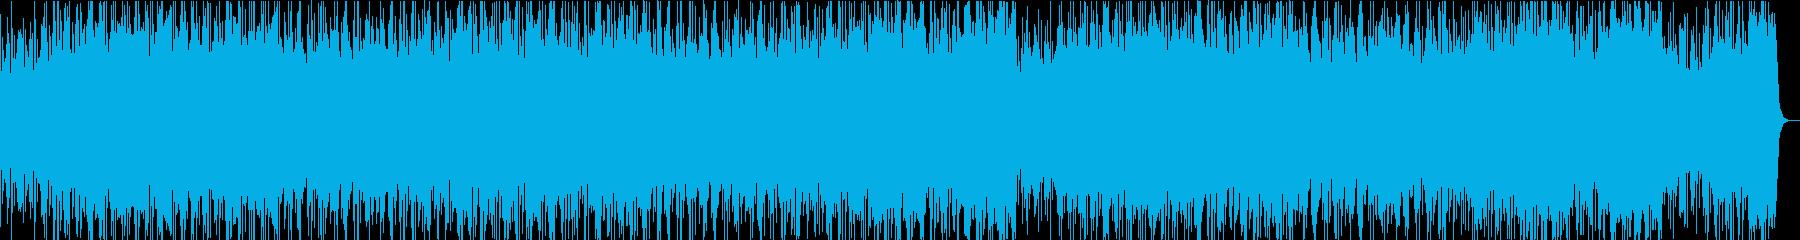 おだやか/琴/尺八の再生済みの波形